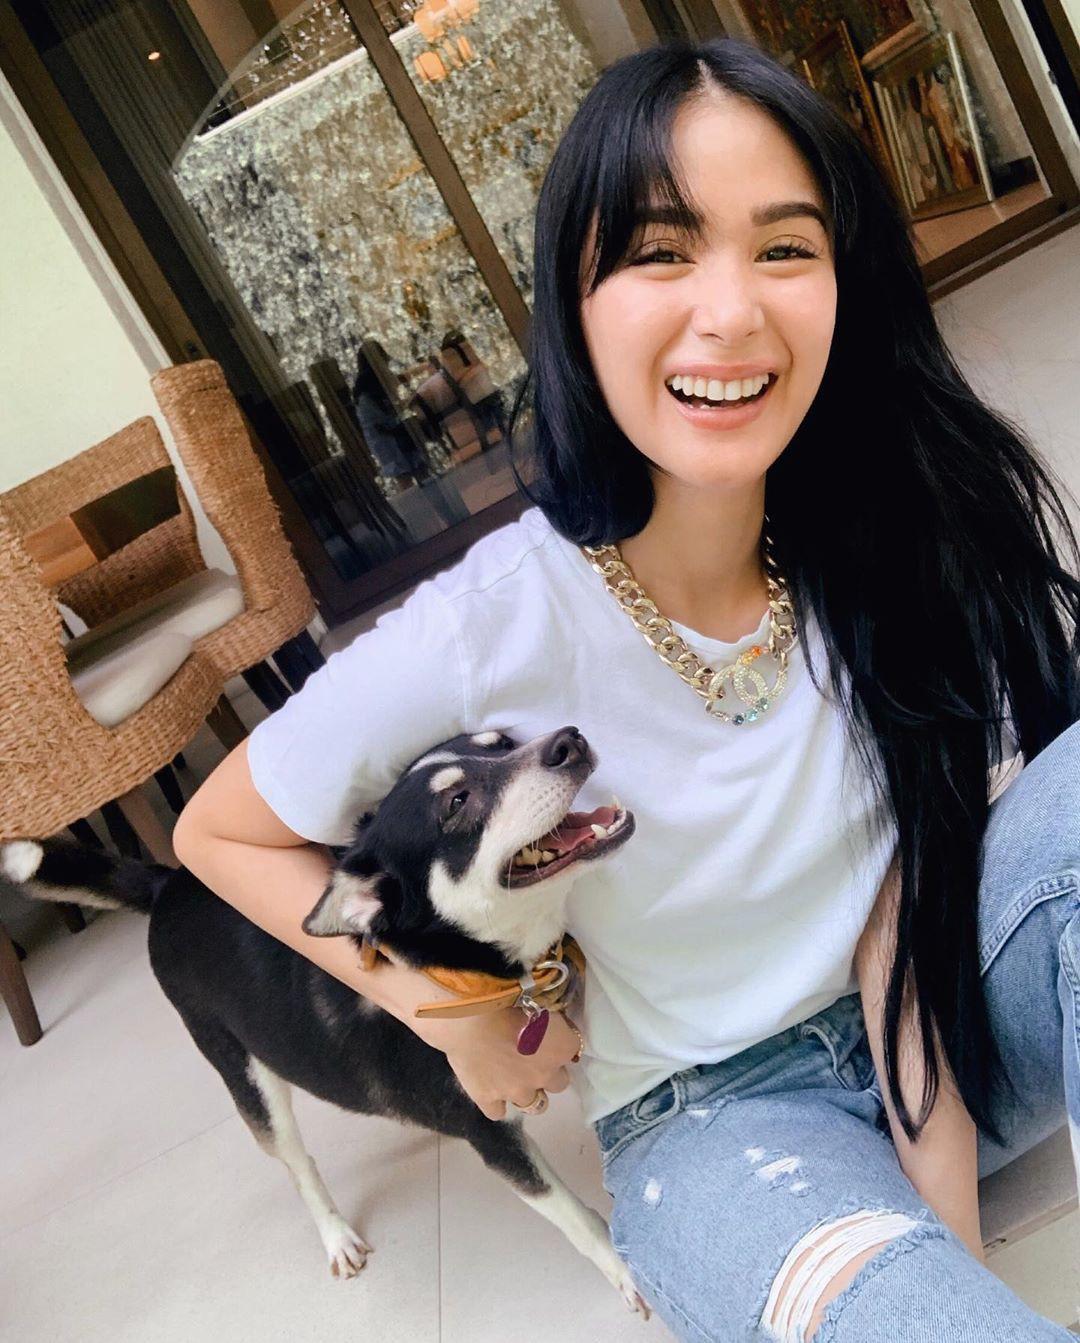 Là đại mỹ nhân giàu có bậc nhất Philippines, nhưng cô nàng bạn thân Hà Tăng chỉ dùng lọ kem dưỡng giá chưa đến 300k - Ảnh 2.